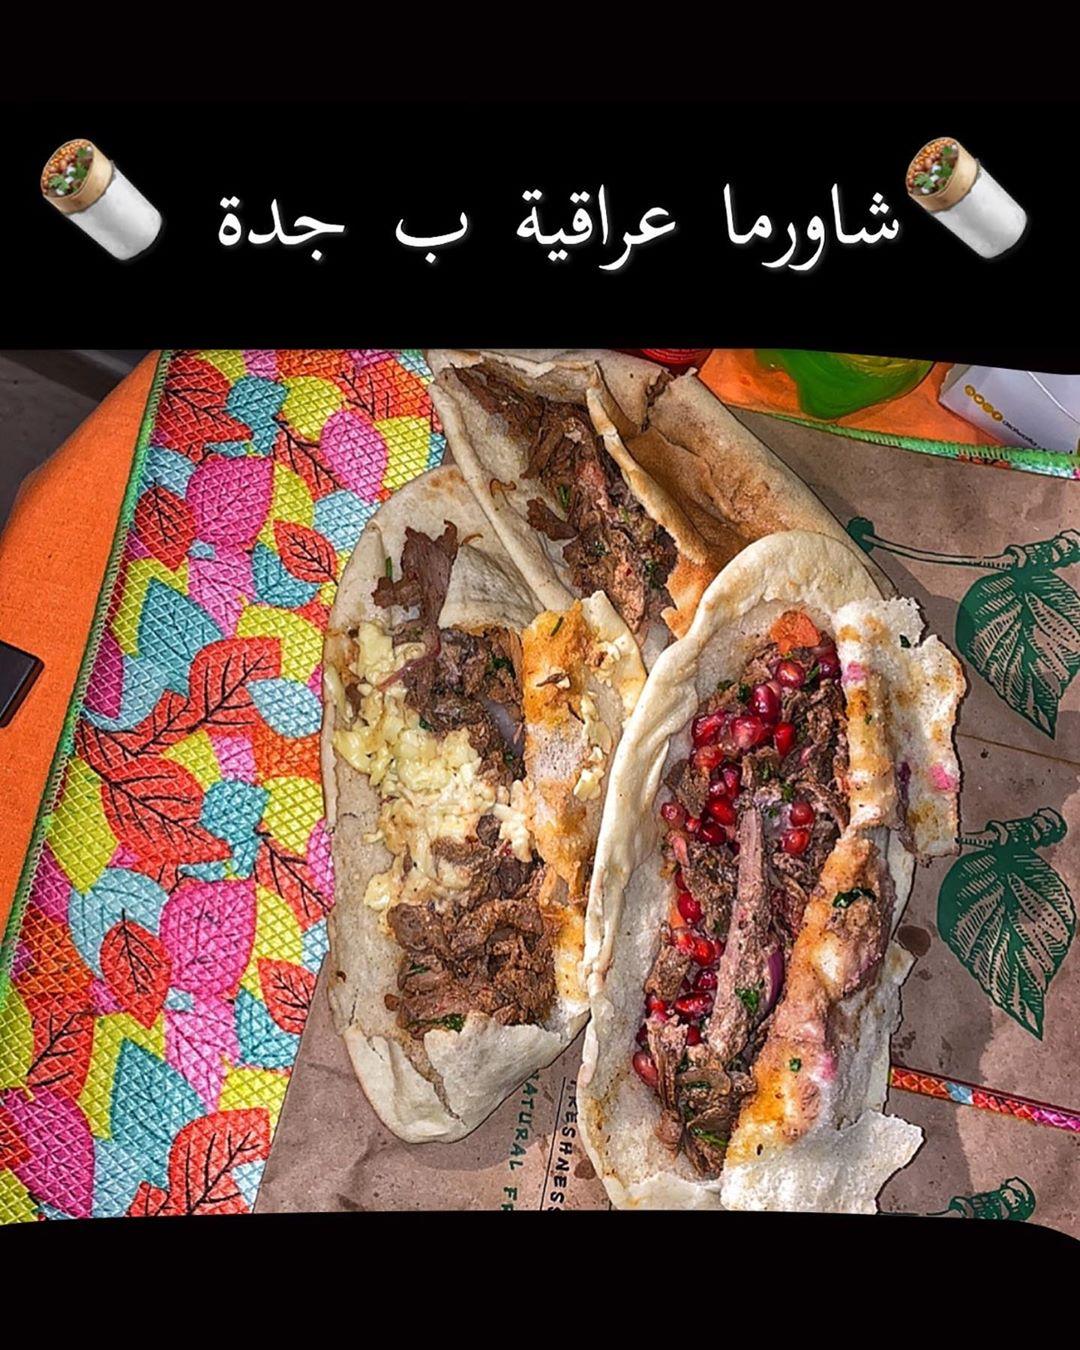 مطعم فريشنيس كانتري في جدة